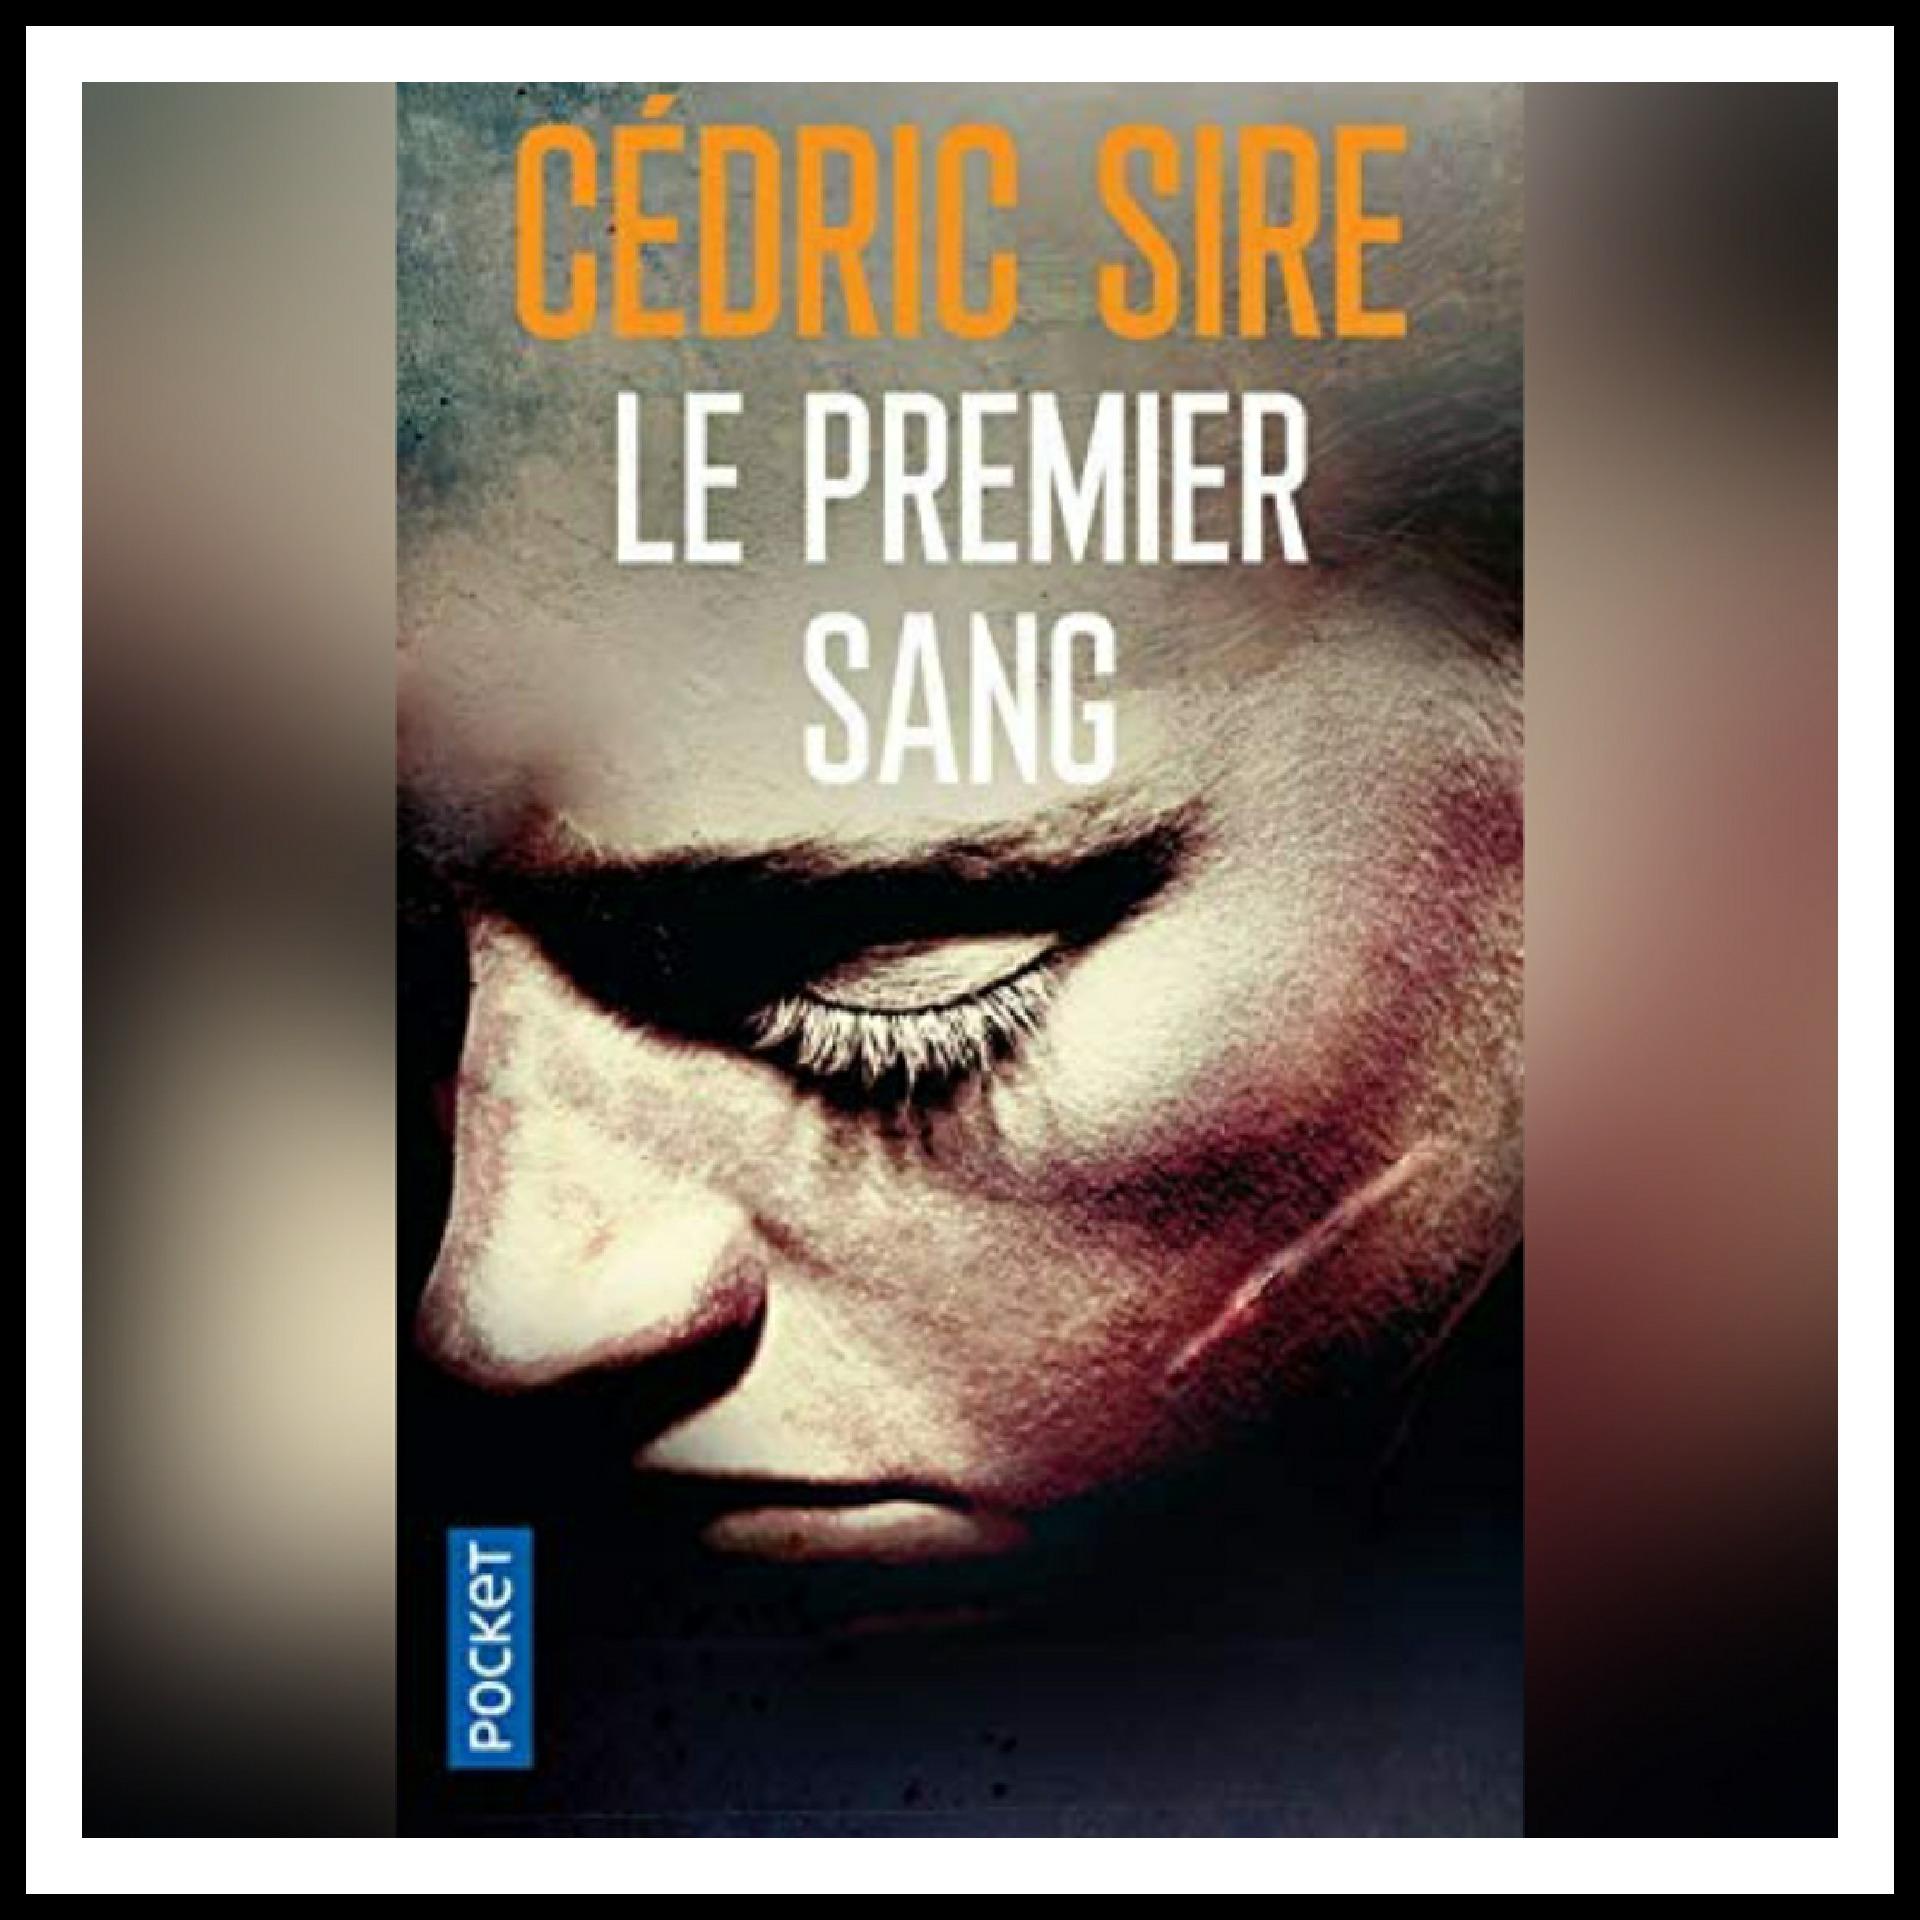 Chroniques 2017 \Le Premier Sang de Cédric Sire